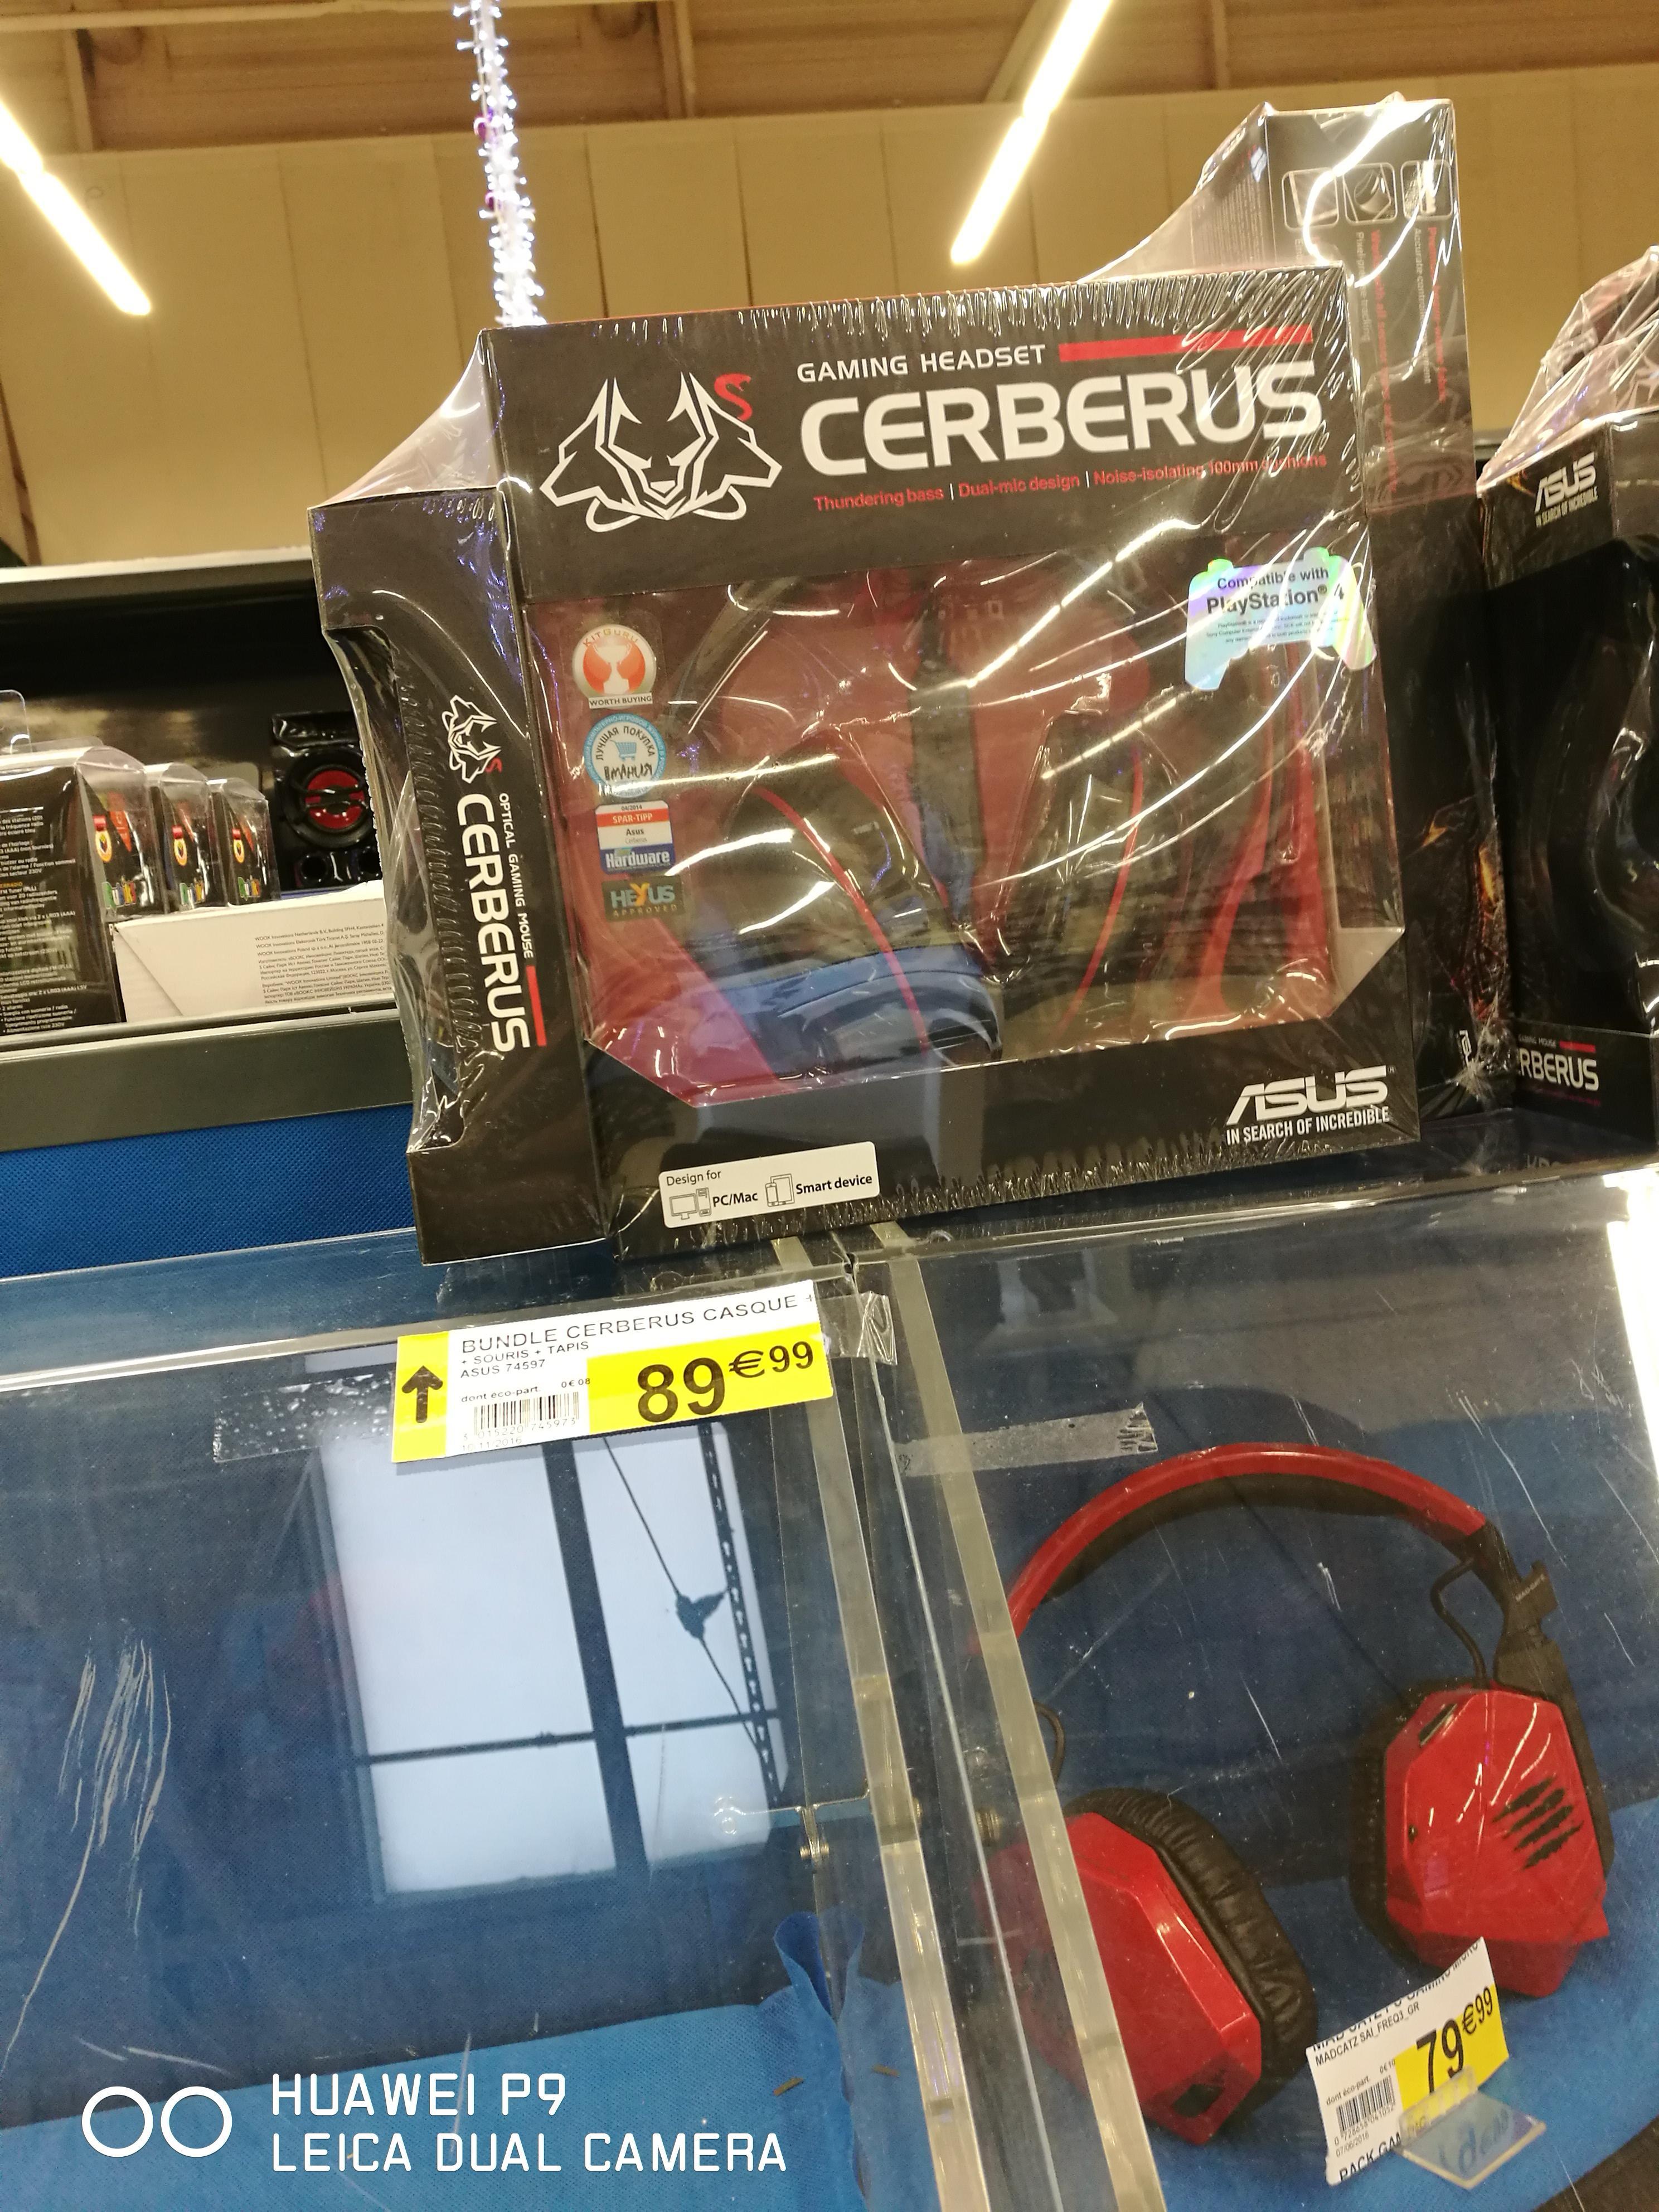 Bundle Asus Cerberus : Tapis de souris, souris, casque gaming